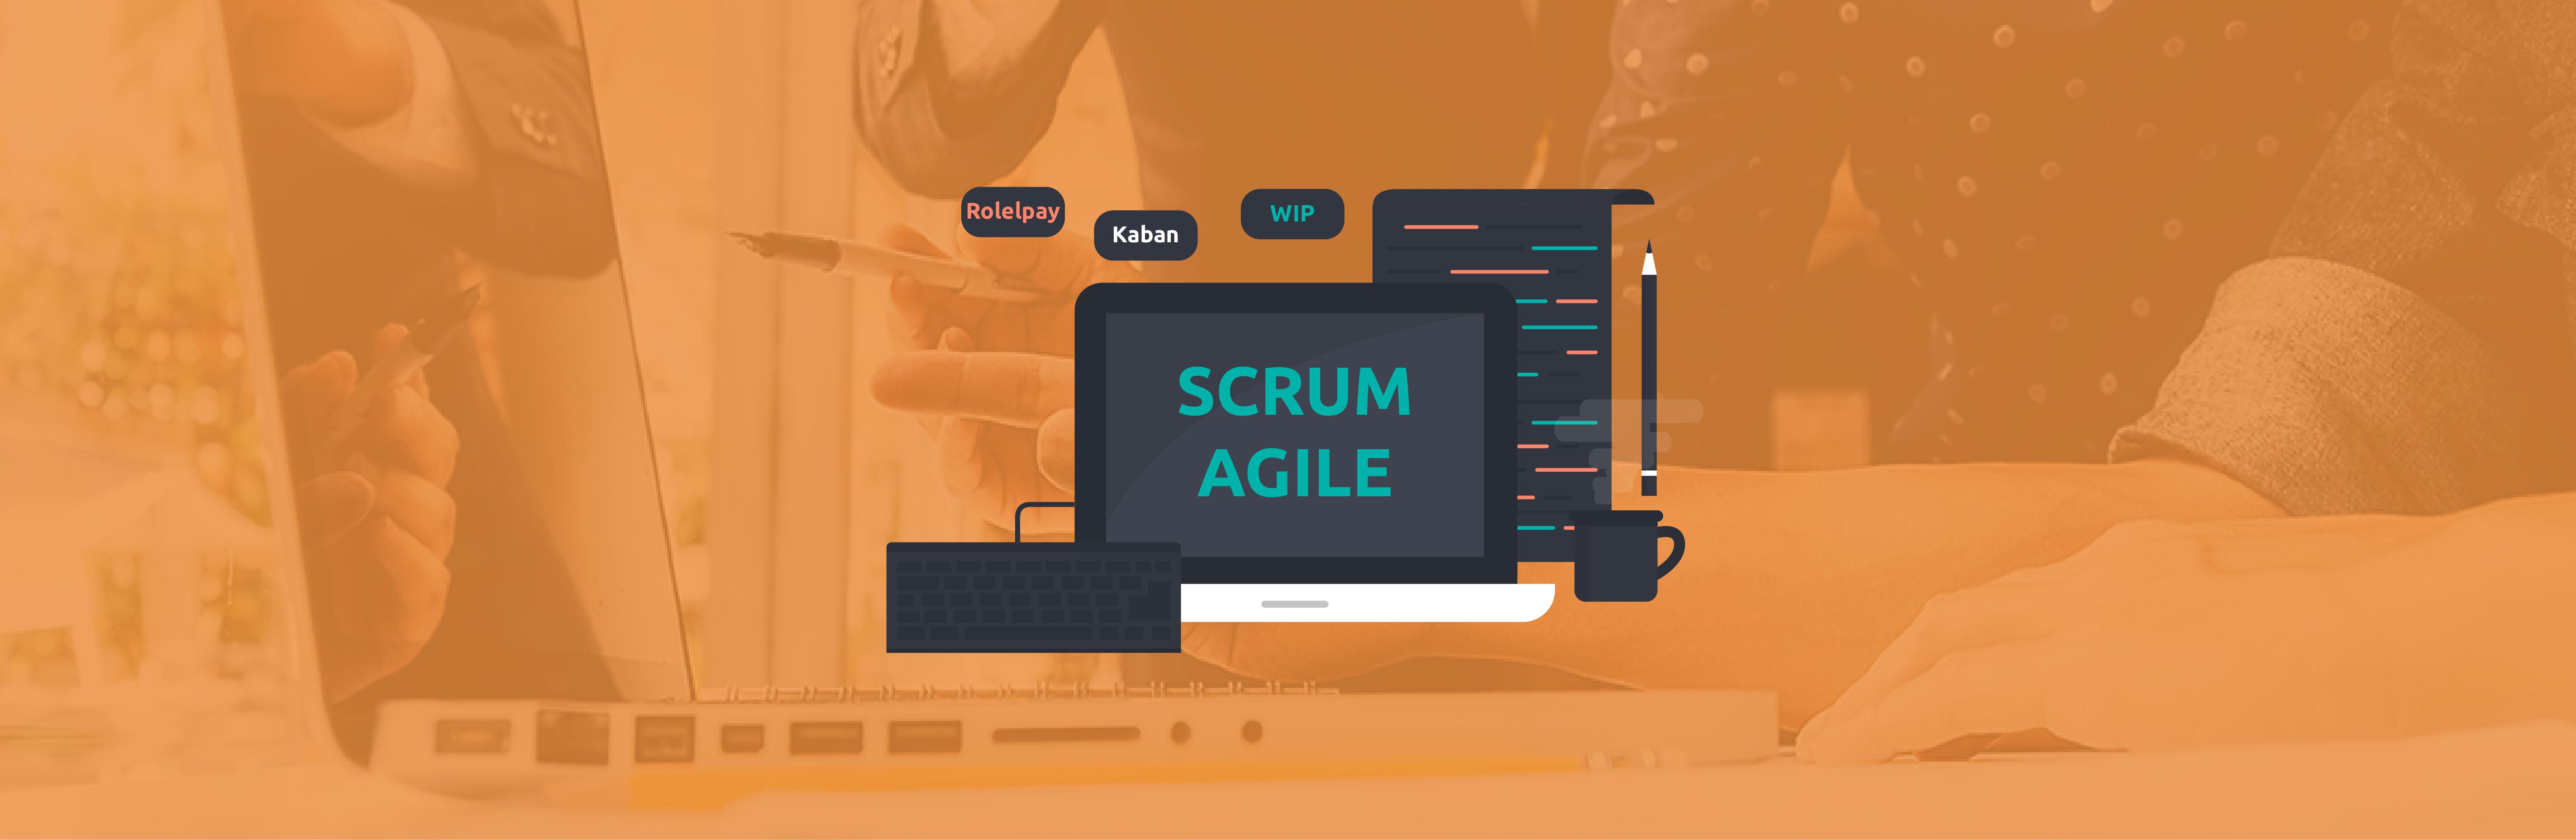 curso agile scrum